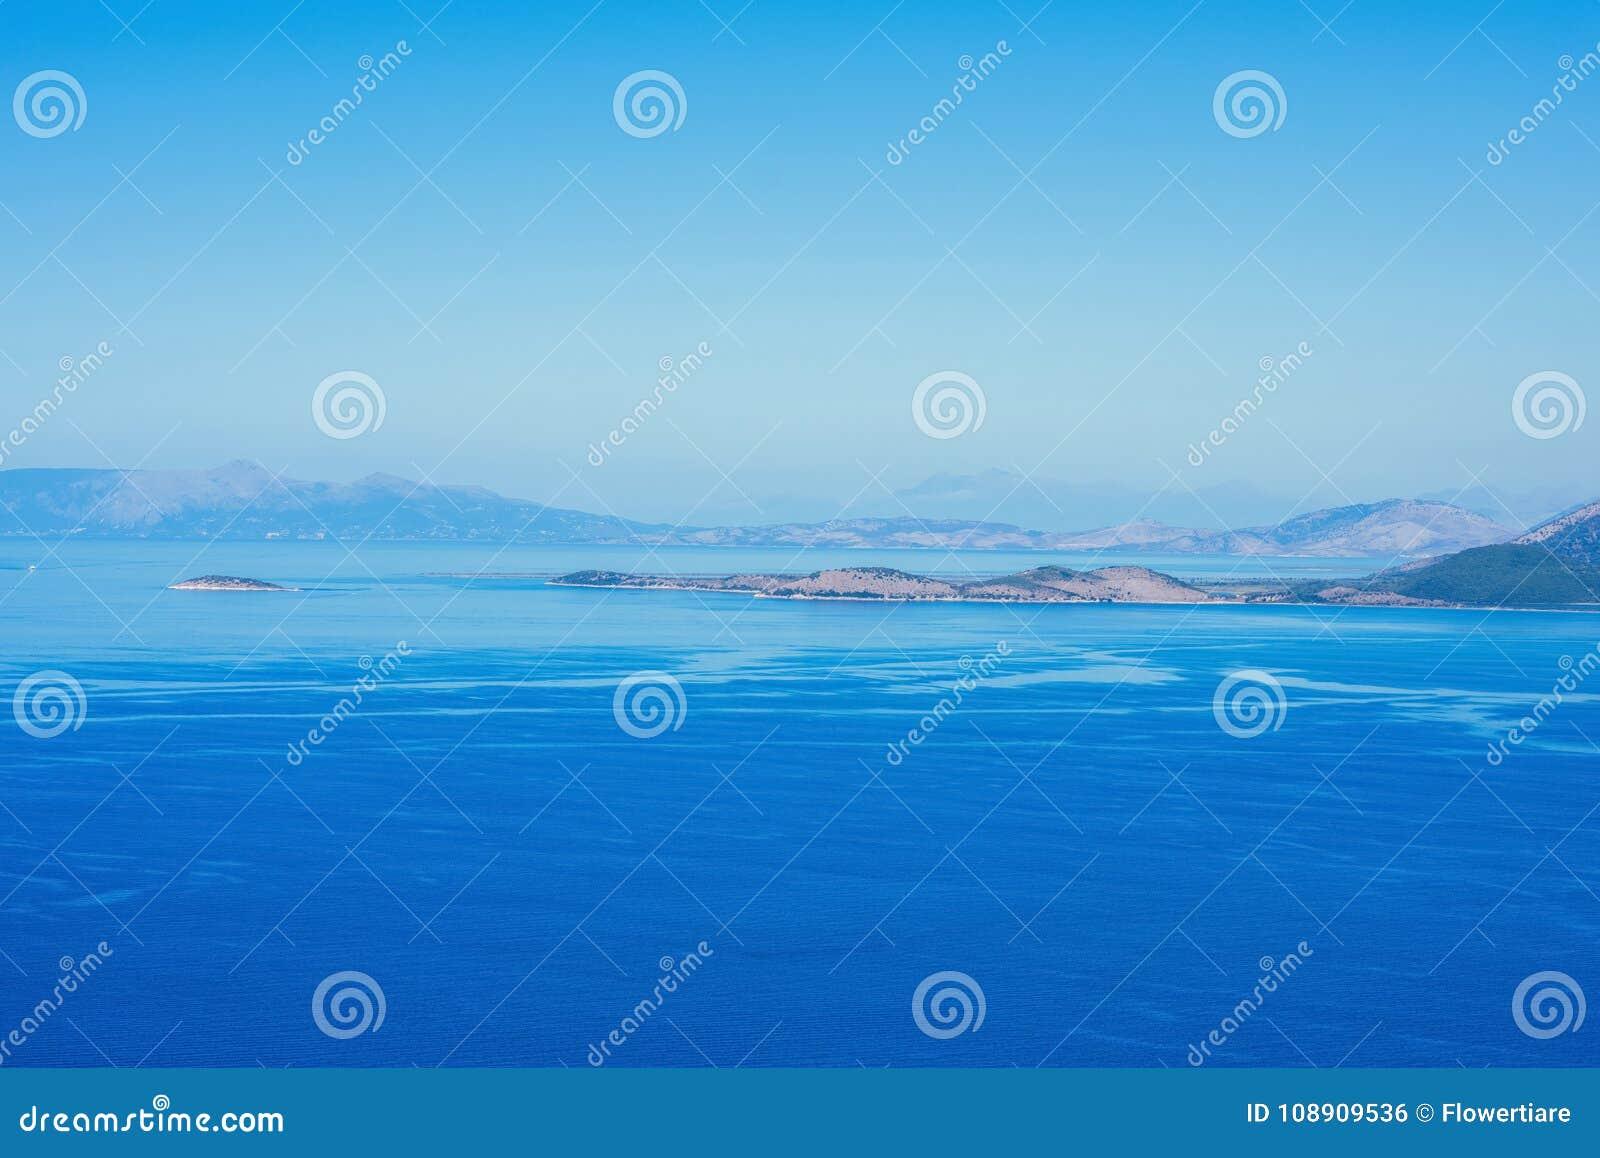 Een zeegezicht op het Griekse Eiland Kefalonia tegen de blauwe hemel en verre eilanden op de achtergrond